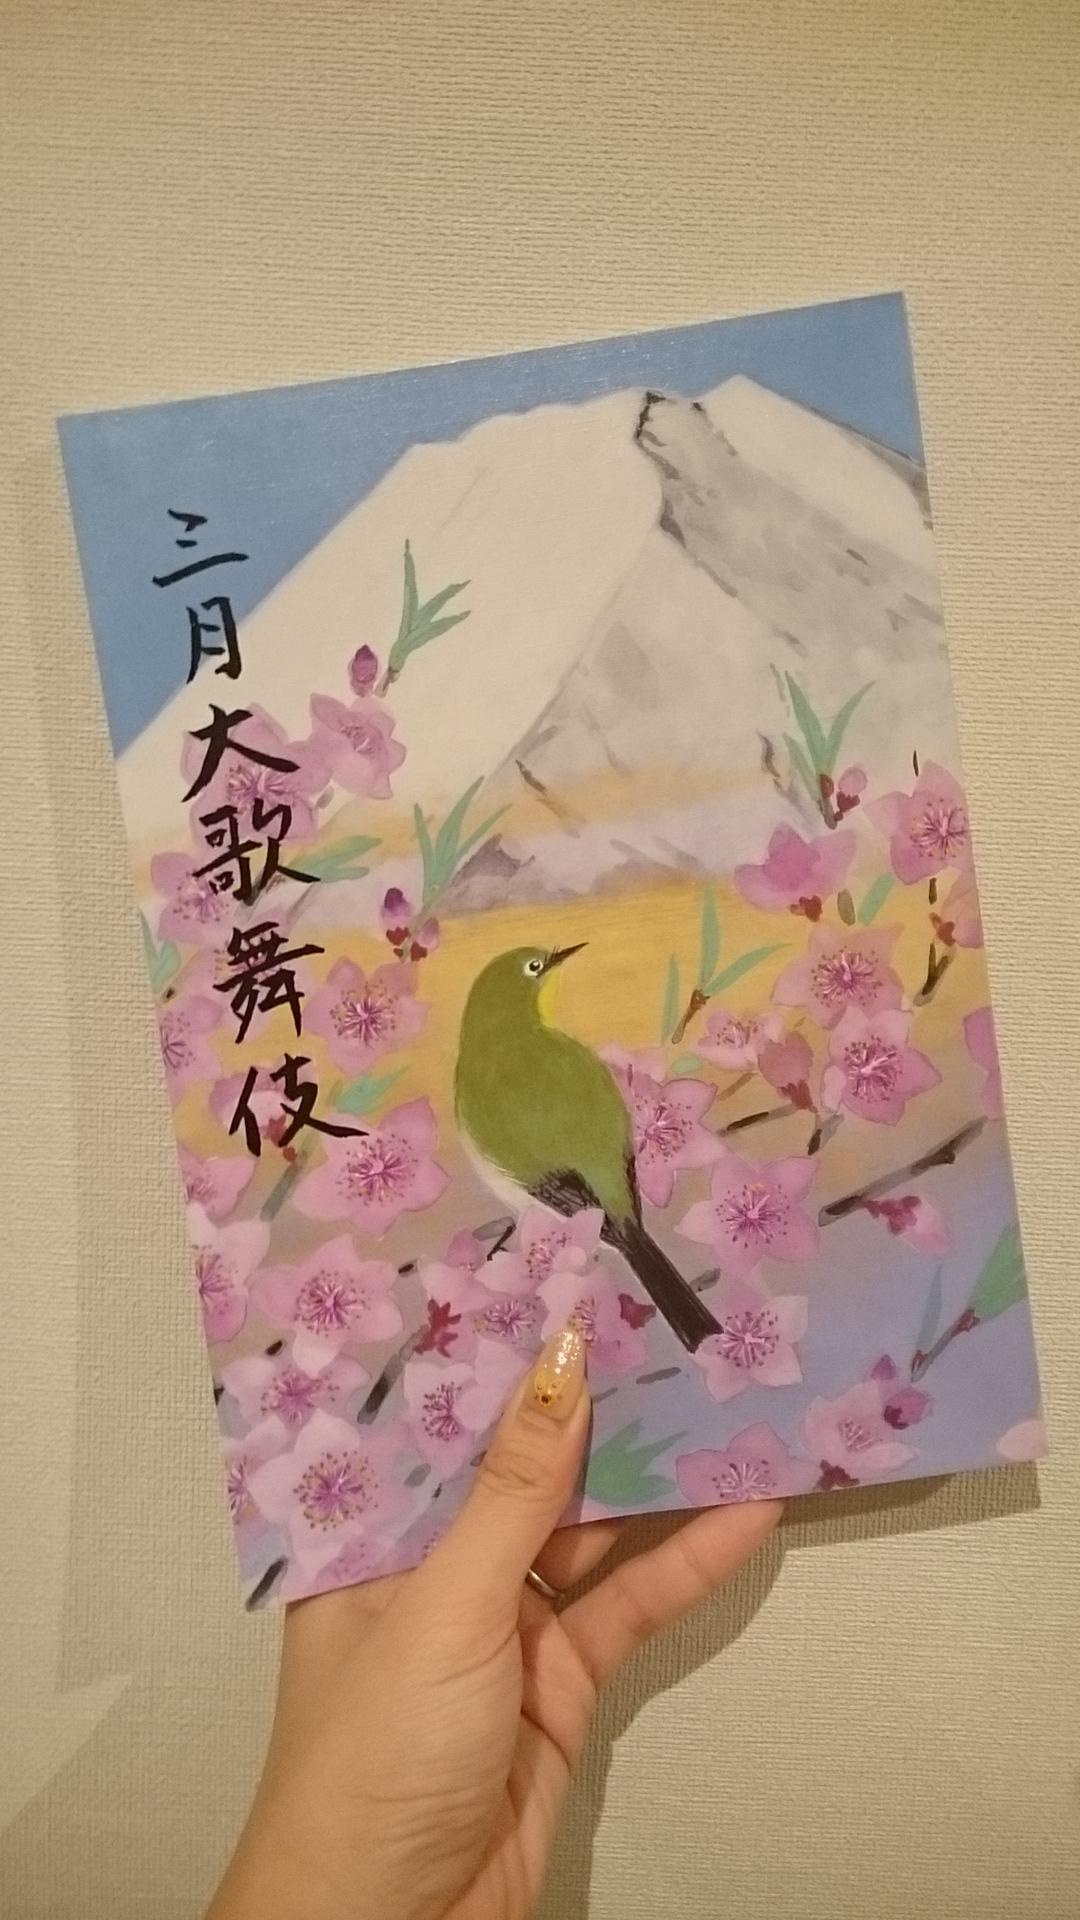 歌舞伎鑑賞のススメ②チケットの選び方_1_2-1